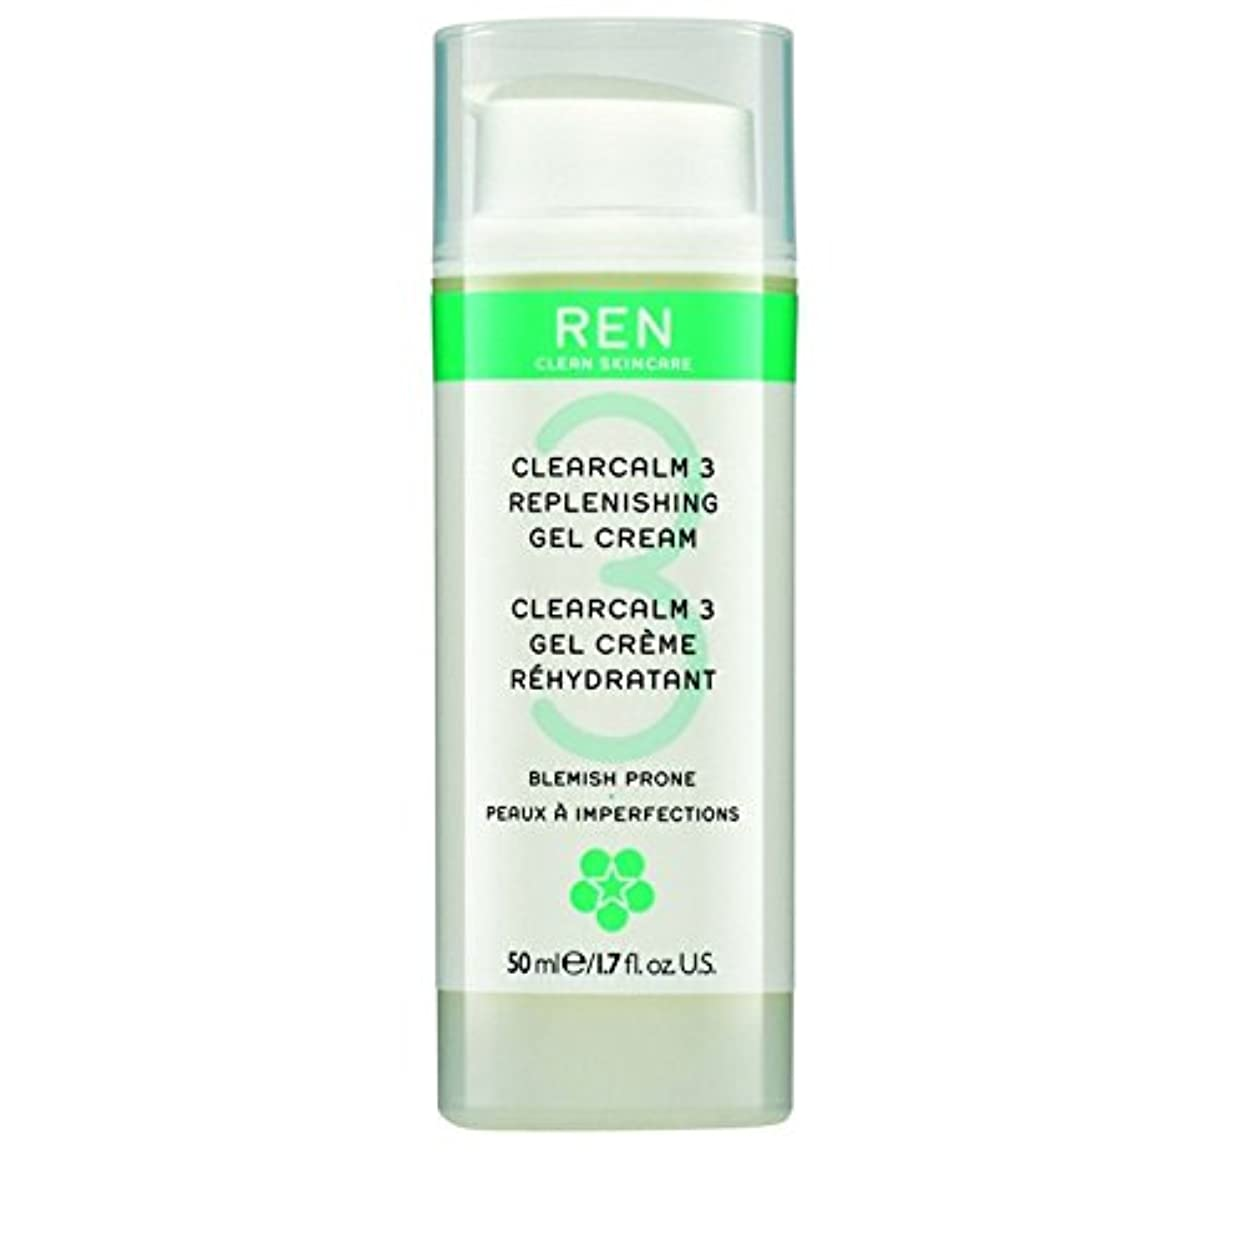 干ばつ羽交換可能3補給夜の血清 x2 - REN ClearCalm 3 Replenishing Night Serum (Pack of 2) [並行輸入品]